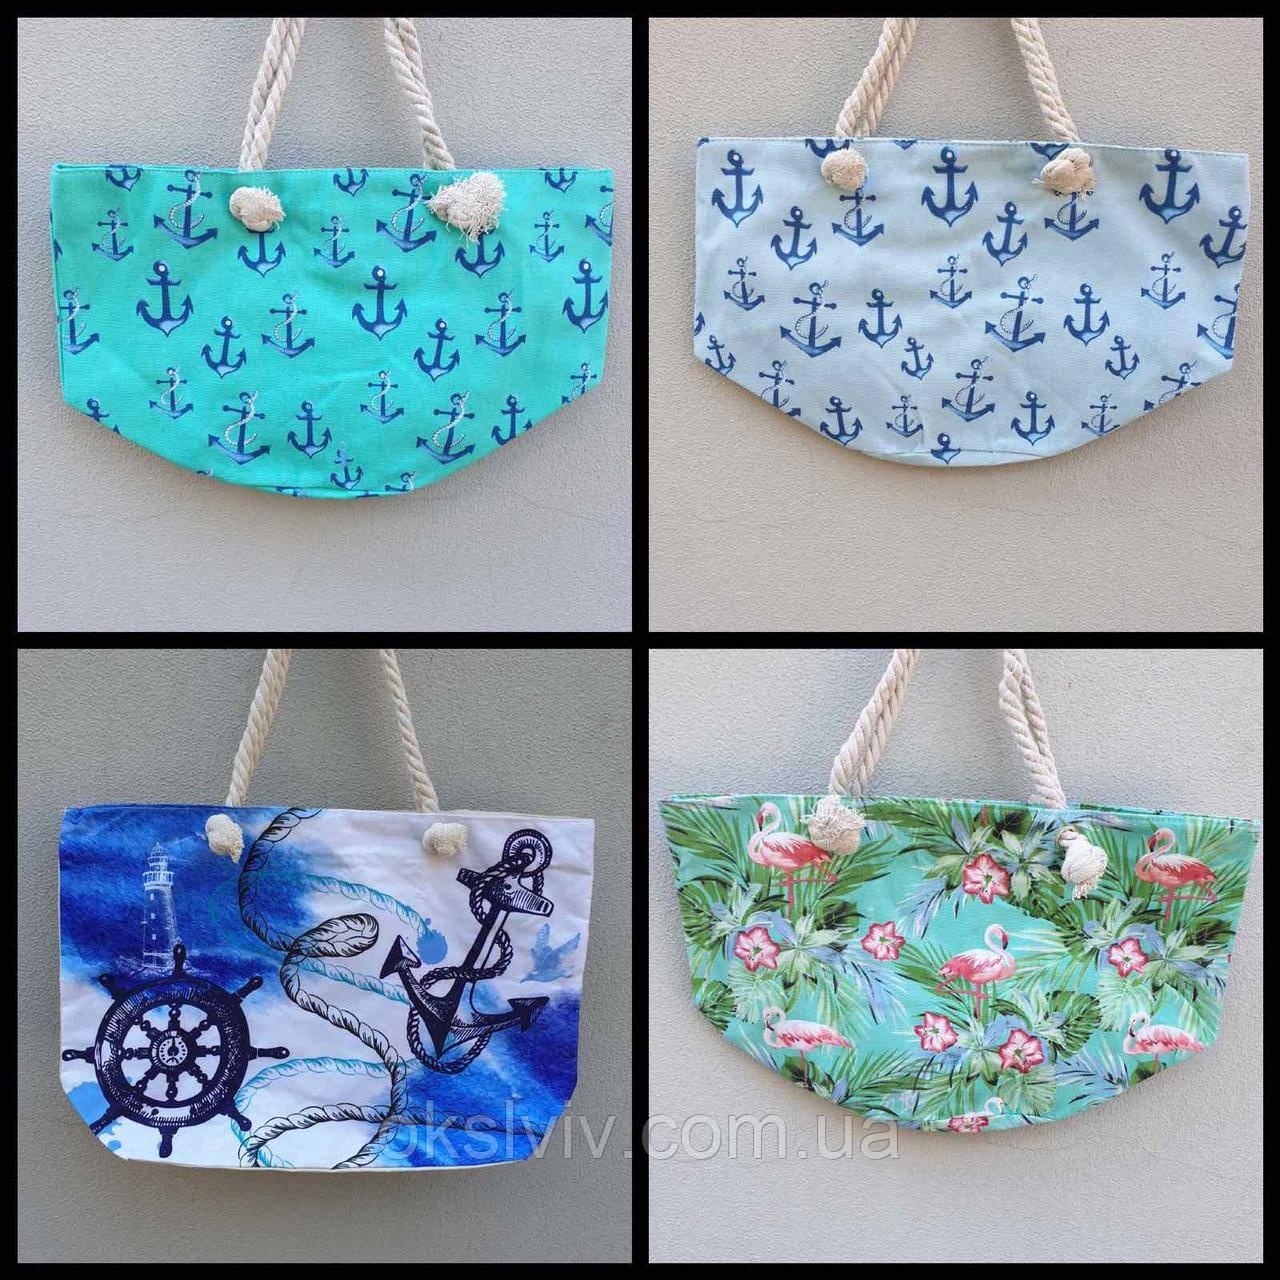 Пляжні сумки жіночі сумки пляжные сумки женские сумки